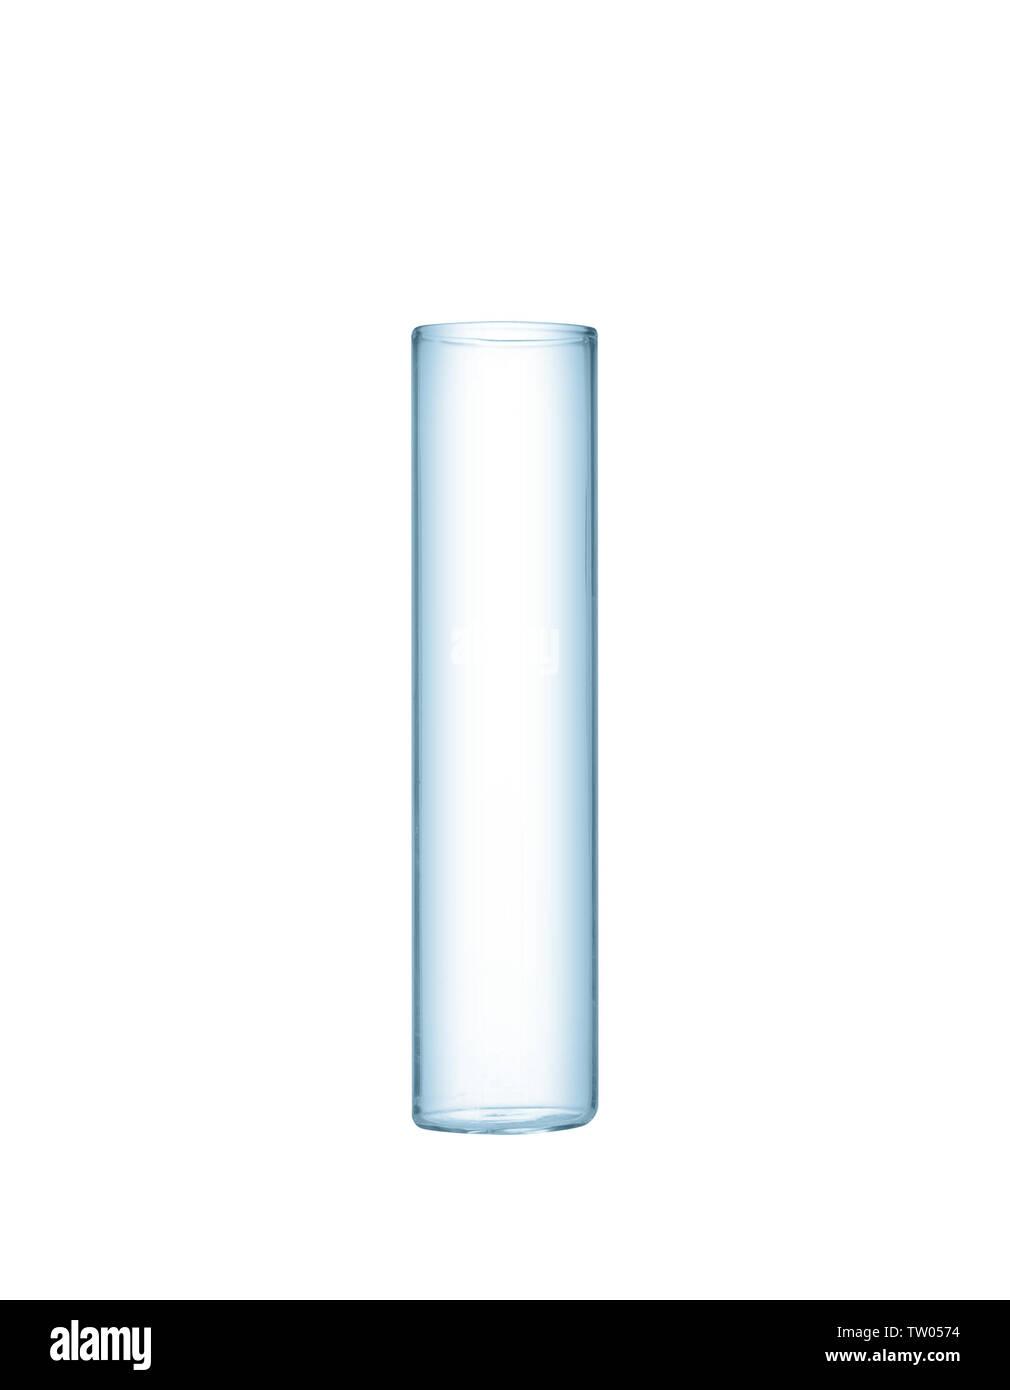 Test tube isolated on white - Stock Image